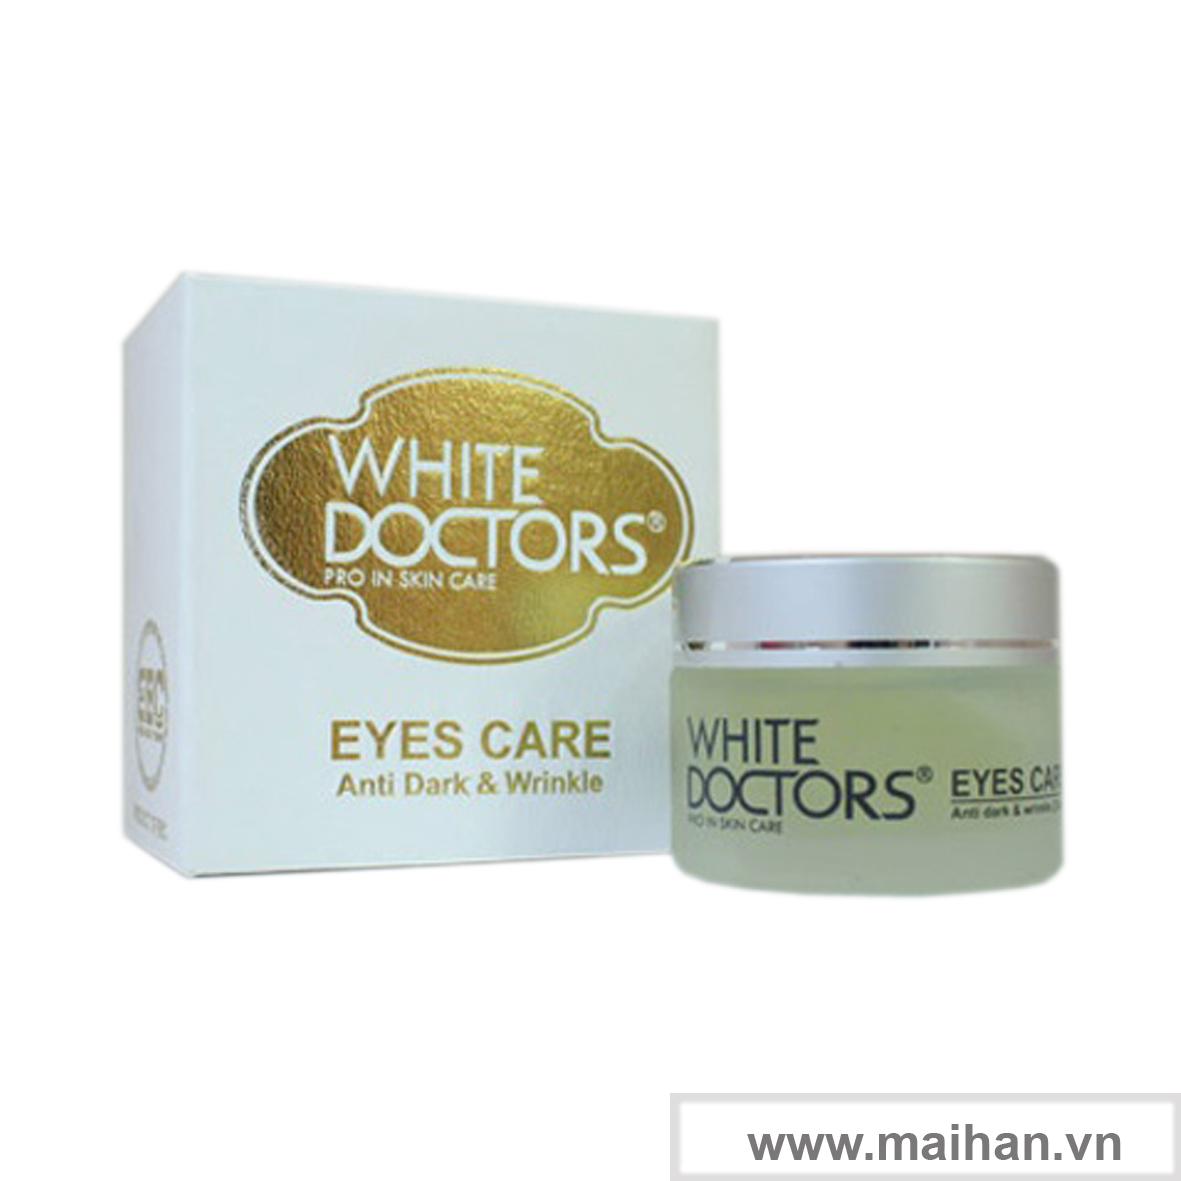 Kem giảm thâm và nhăn quầng mắt White Doctors